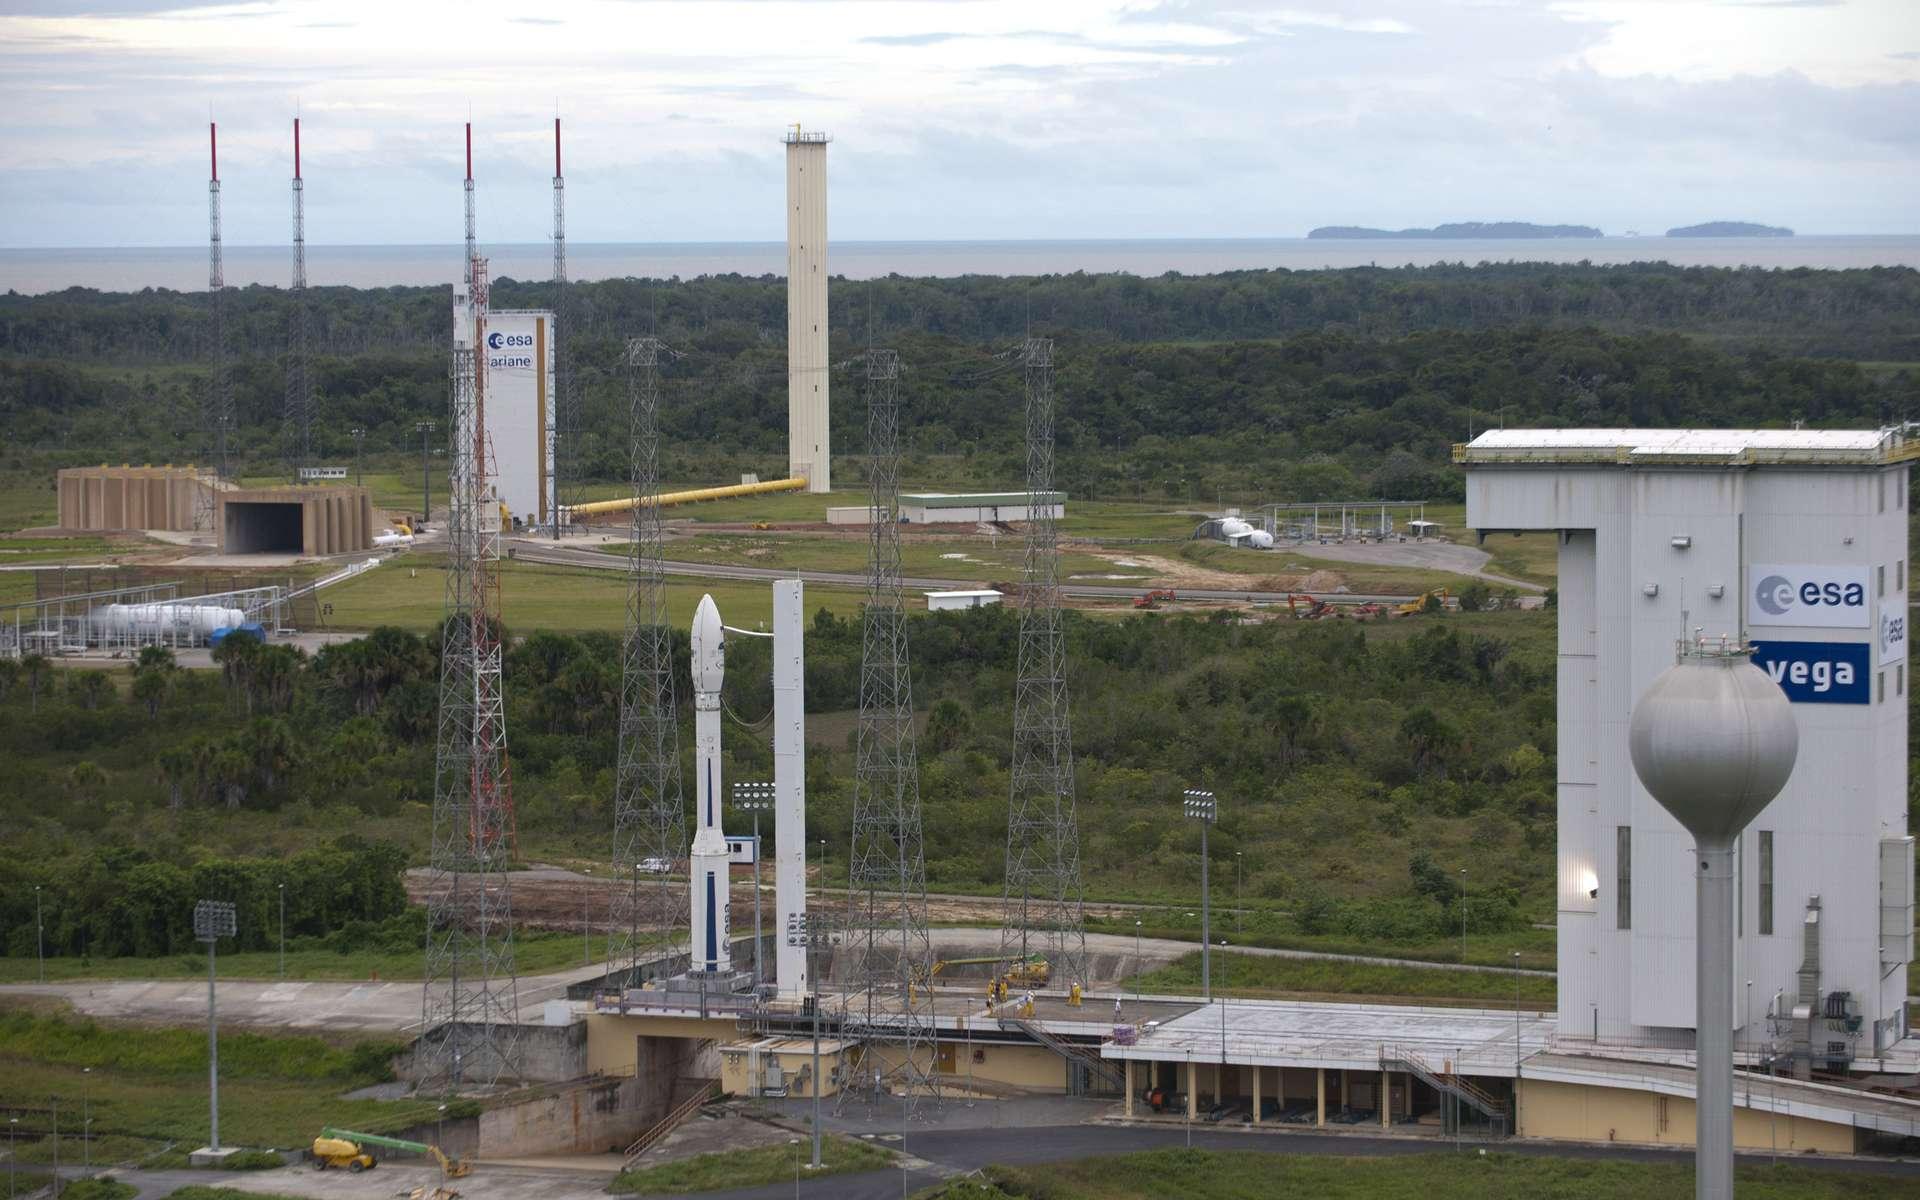 Le premier vol de qualification de Vega (VV01), ici sur son pas de tir à côté de celui d'Ariane 5, sera suivi du programme d'accompagnement Verta qui finance les cinq premiers vols ainsi qu'une amélioration des performances du lanceur. © Esa/S. Corvaja